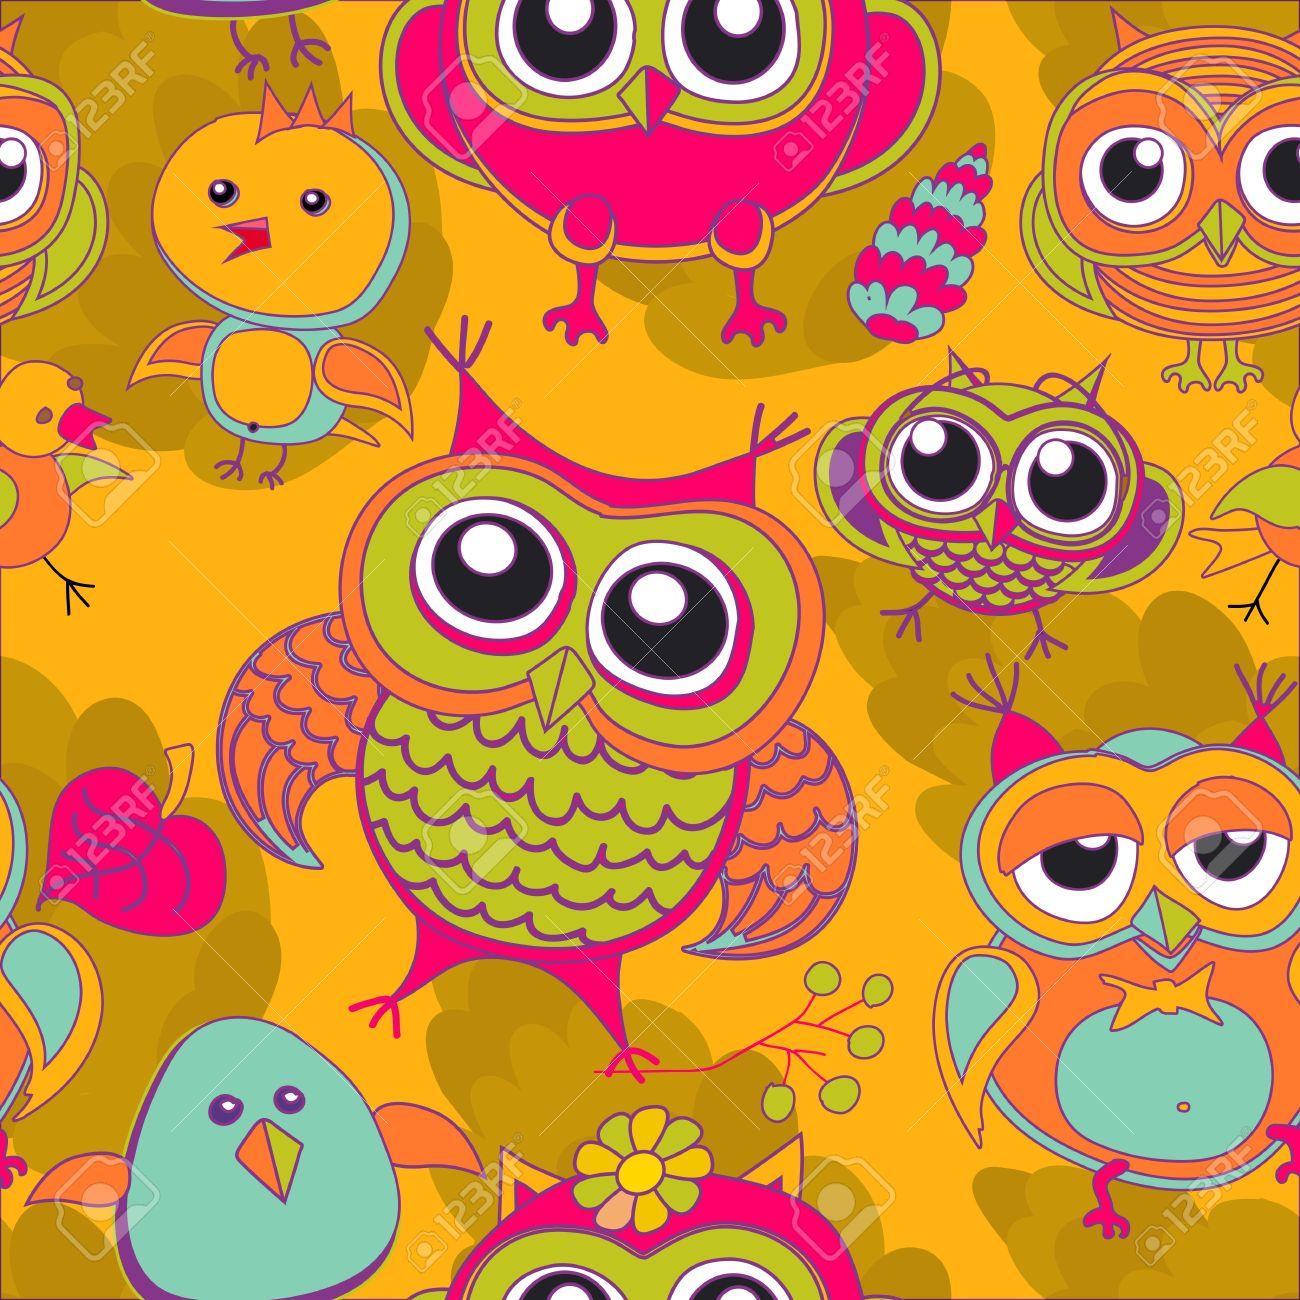 Hibou, Oiseau, Rose, Arbre, Animal, Feuille, Dessin, Illustration, Couleur,  Branche, Vecteur, Art, Vert, Résumé, Fleur, Fond, tout Hibou Dessin Couleur